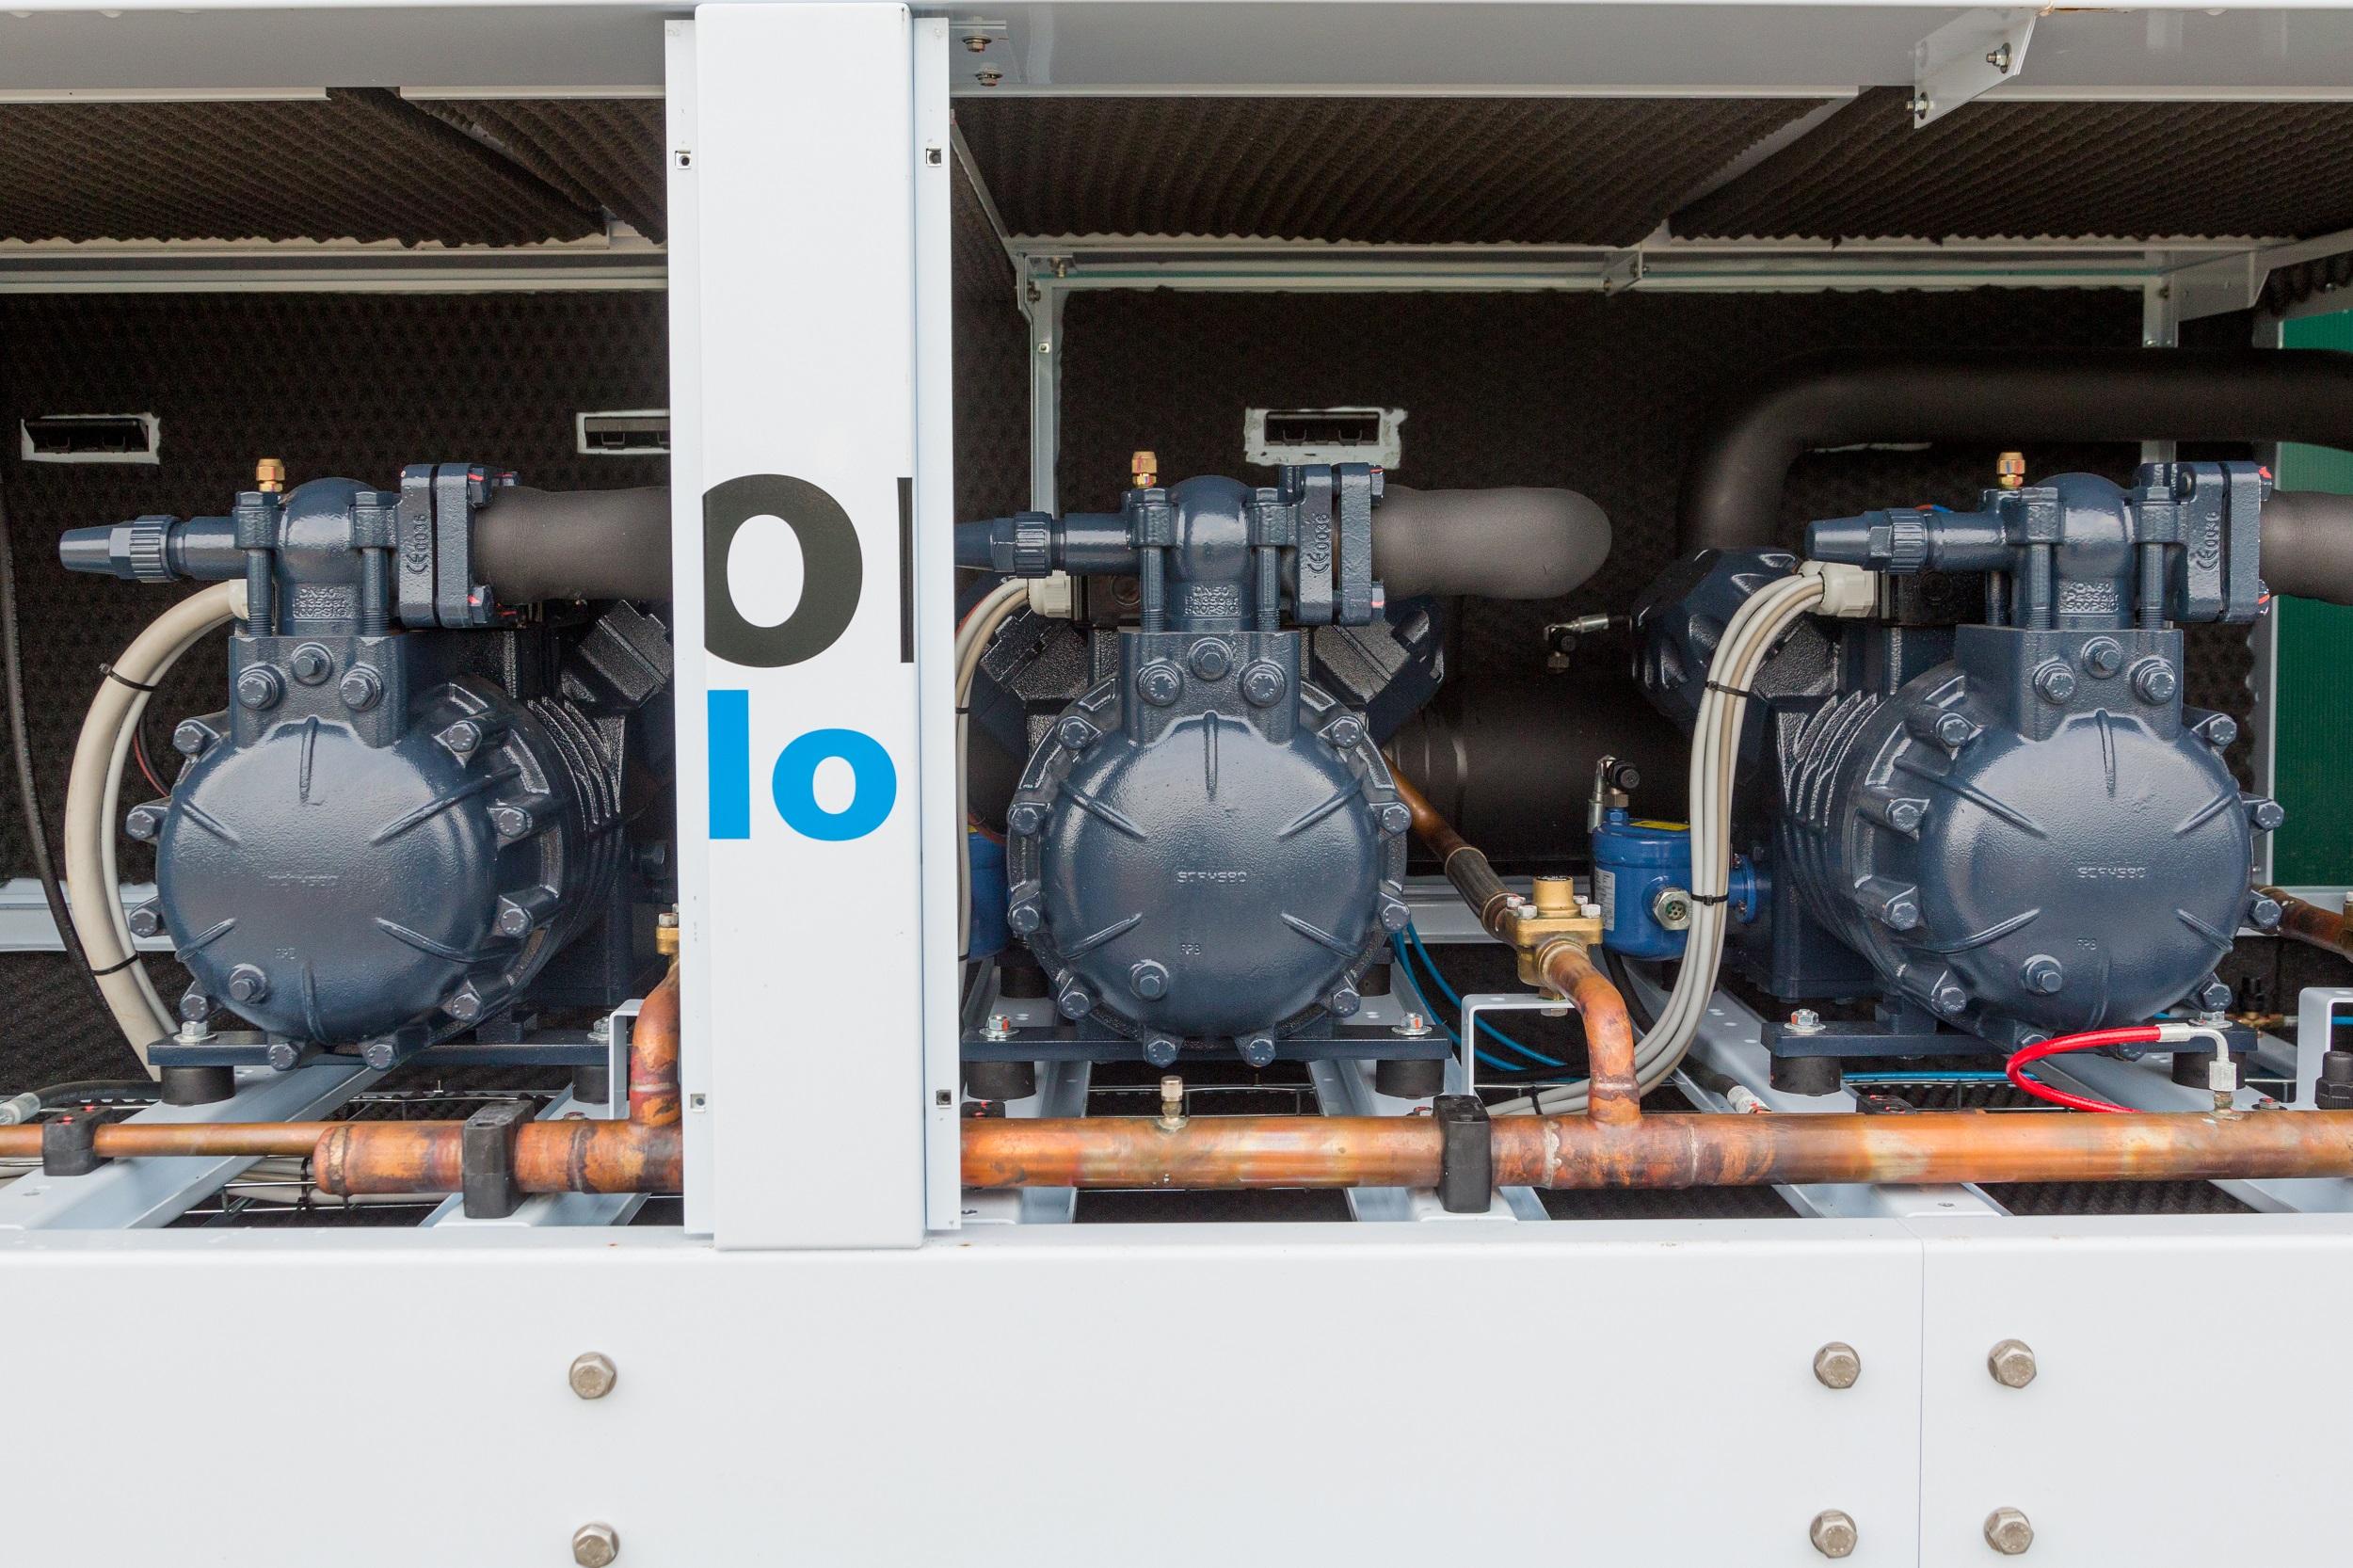 Verbundkälteanlage mit 3 Verdichtern und Leistungsregelung über Frequenzumformer . Leistung 150 kw